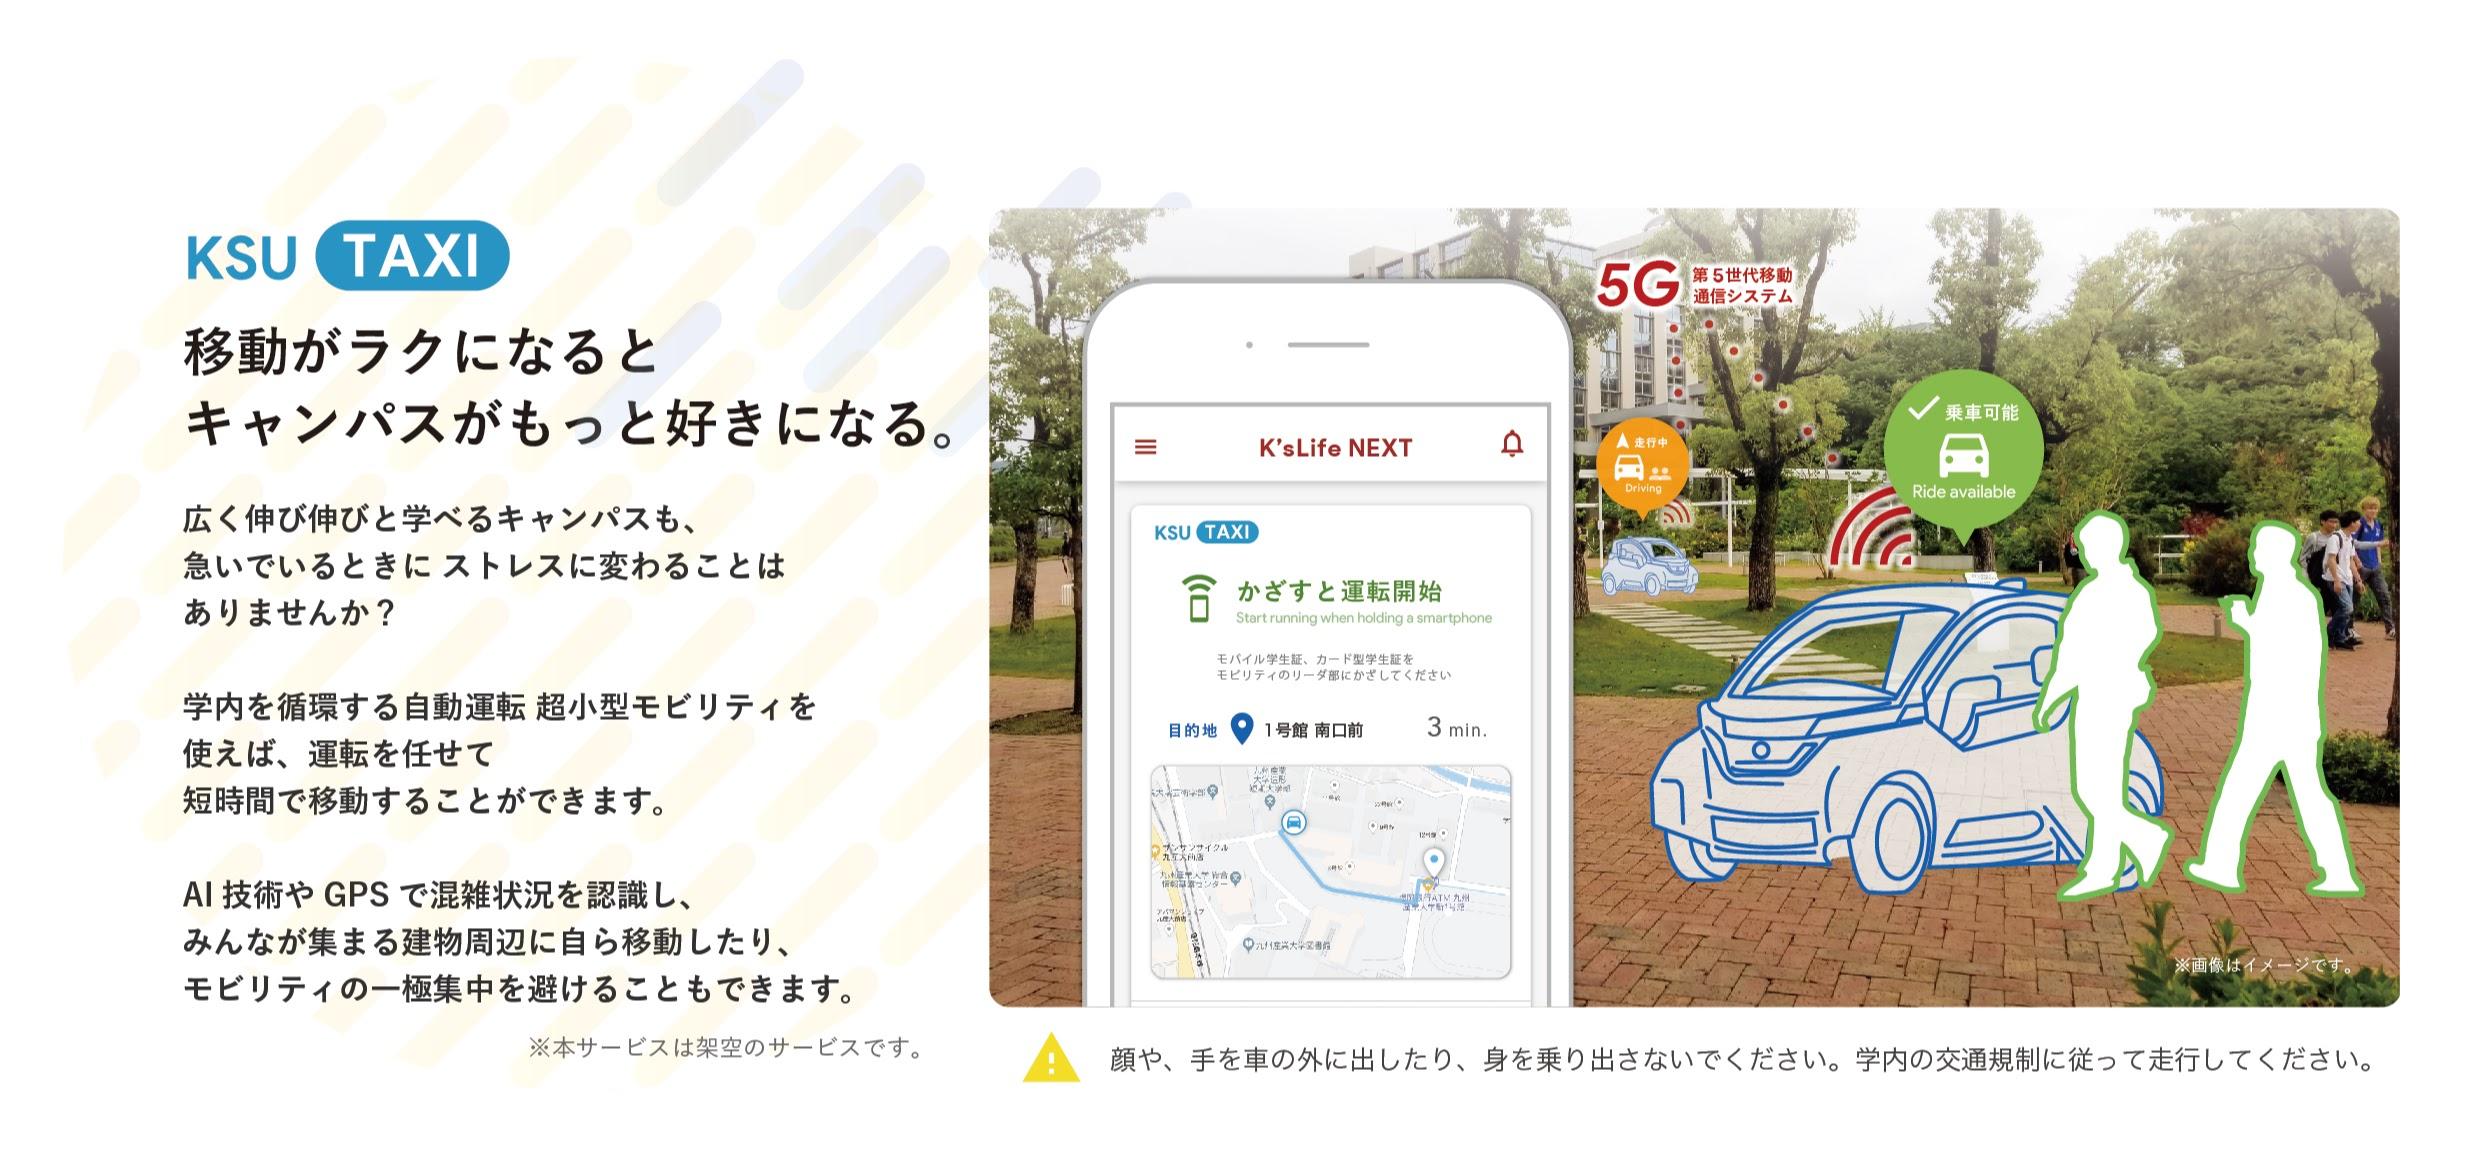 KSU_TAXI.jpg